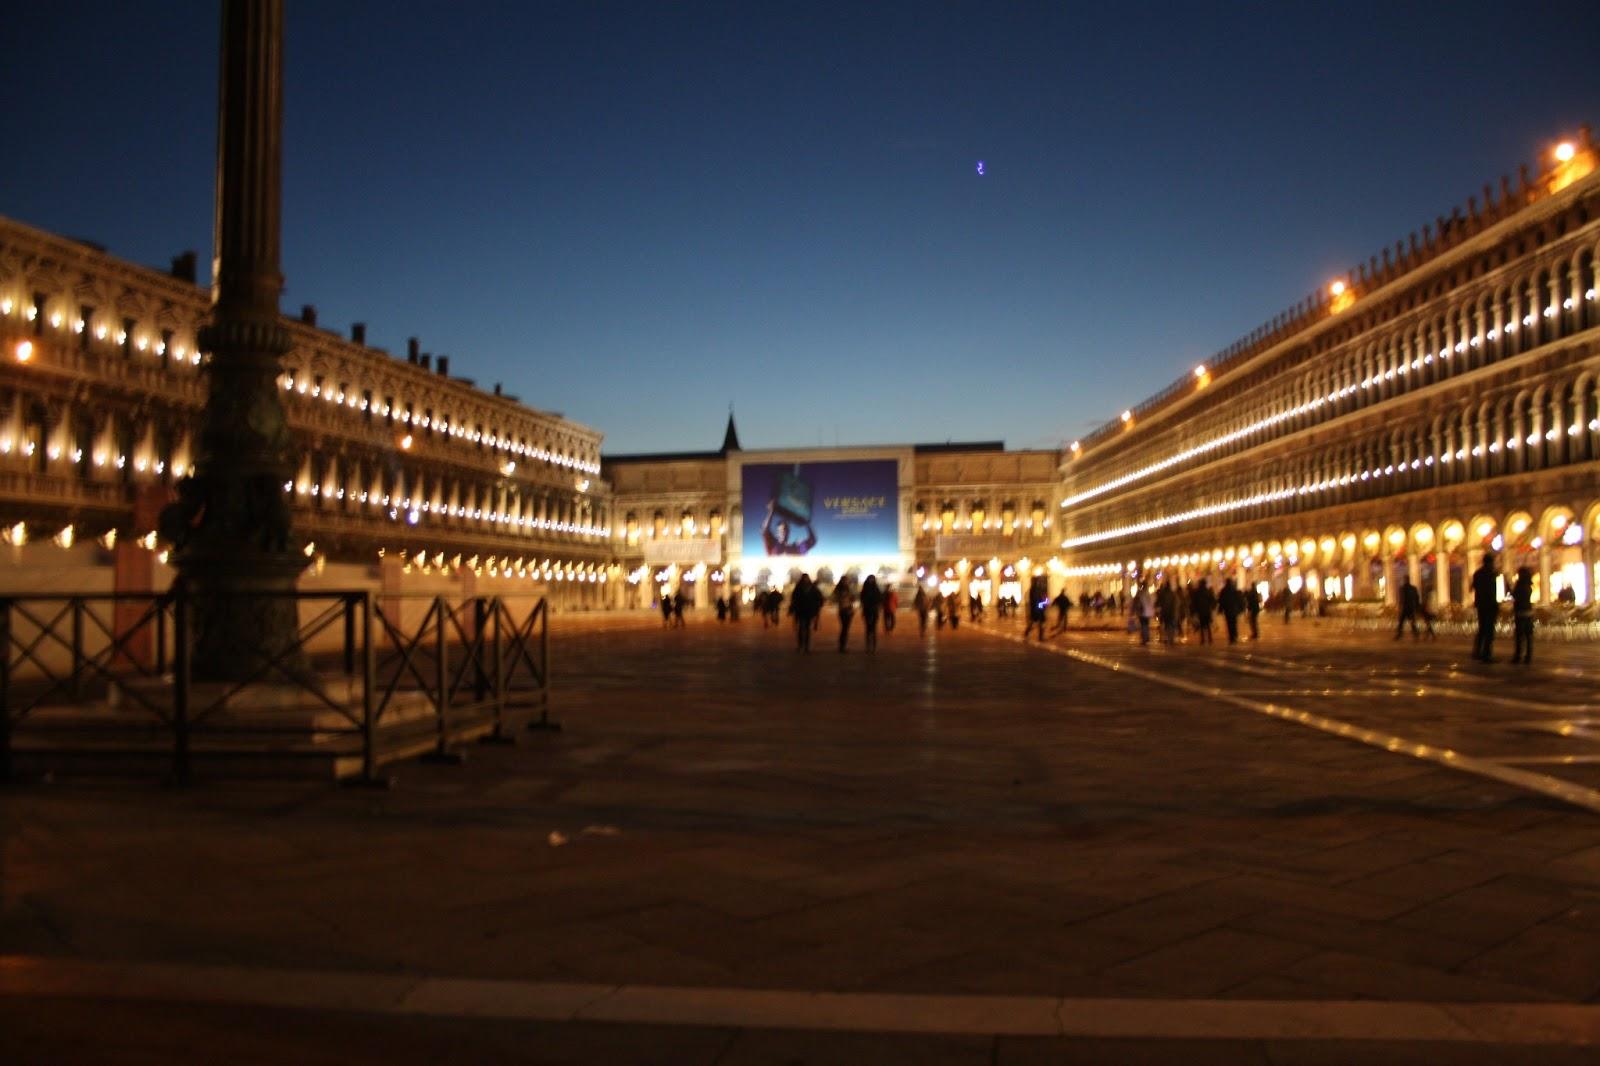 http://4.bp.blogspot.com/-GK0H4WBSxAI/UOysEGHdlwI/AAAAAAAACp0/tmIes5xCbSE/s1600/Norte+de+Italia+Diciembre+2012+574.JPG